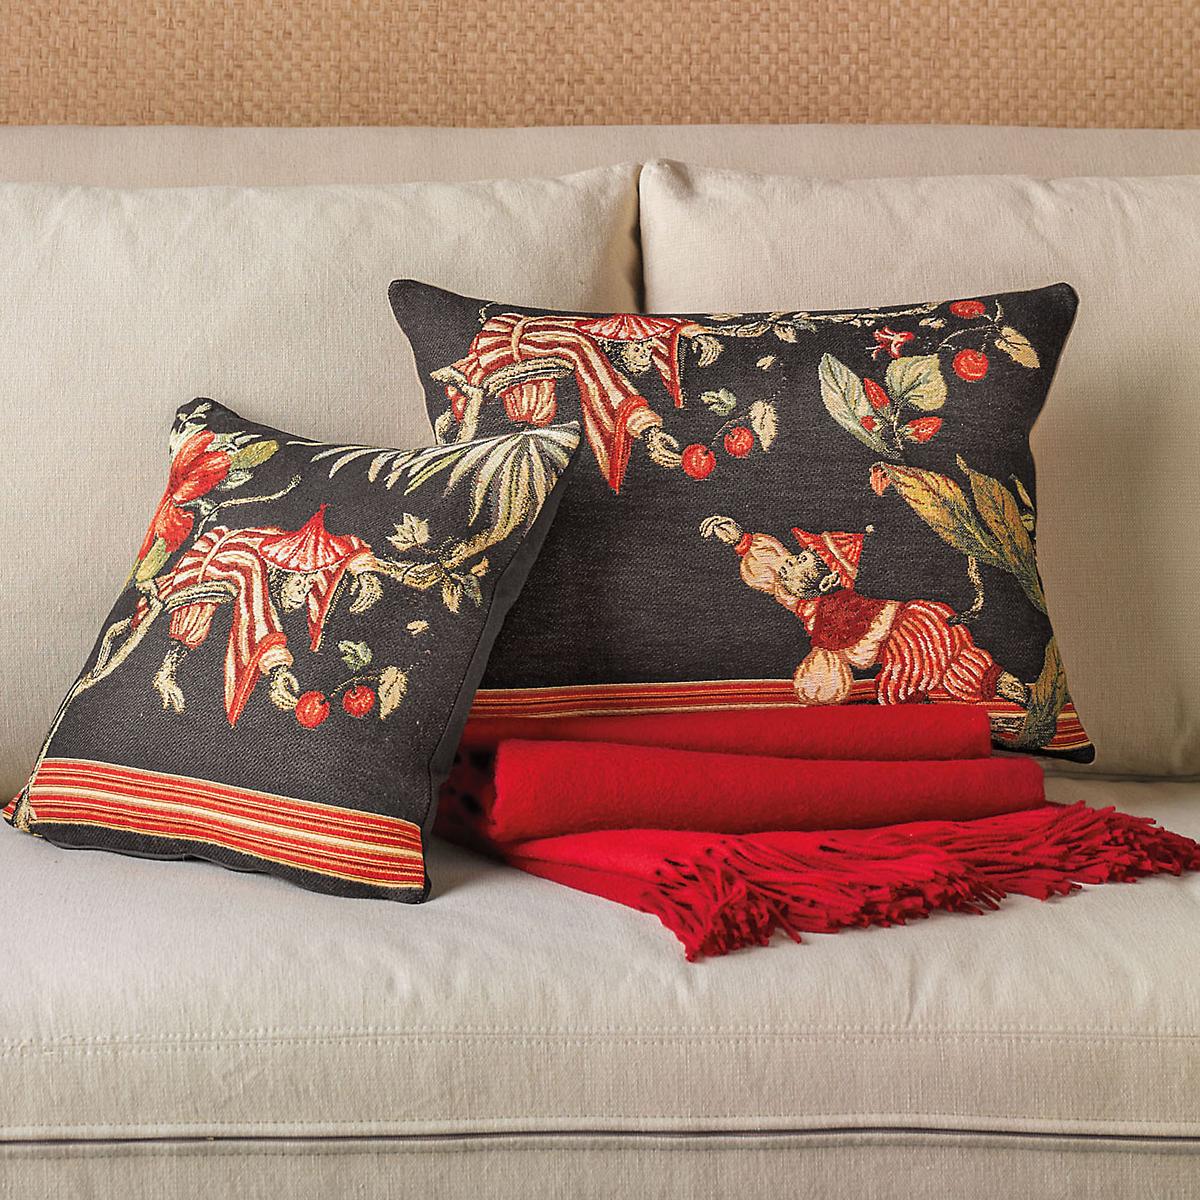 Black Chinoiserie Monkey Pillows